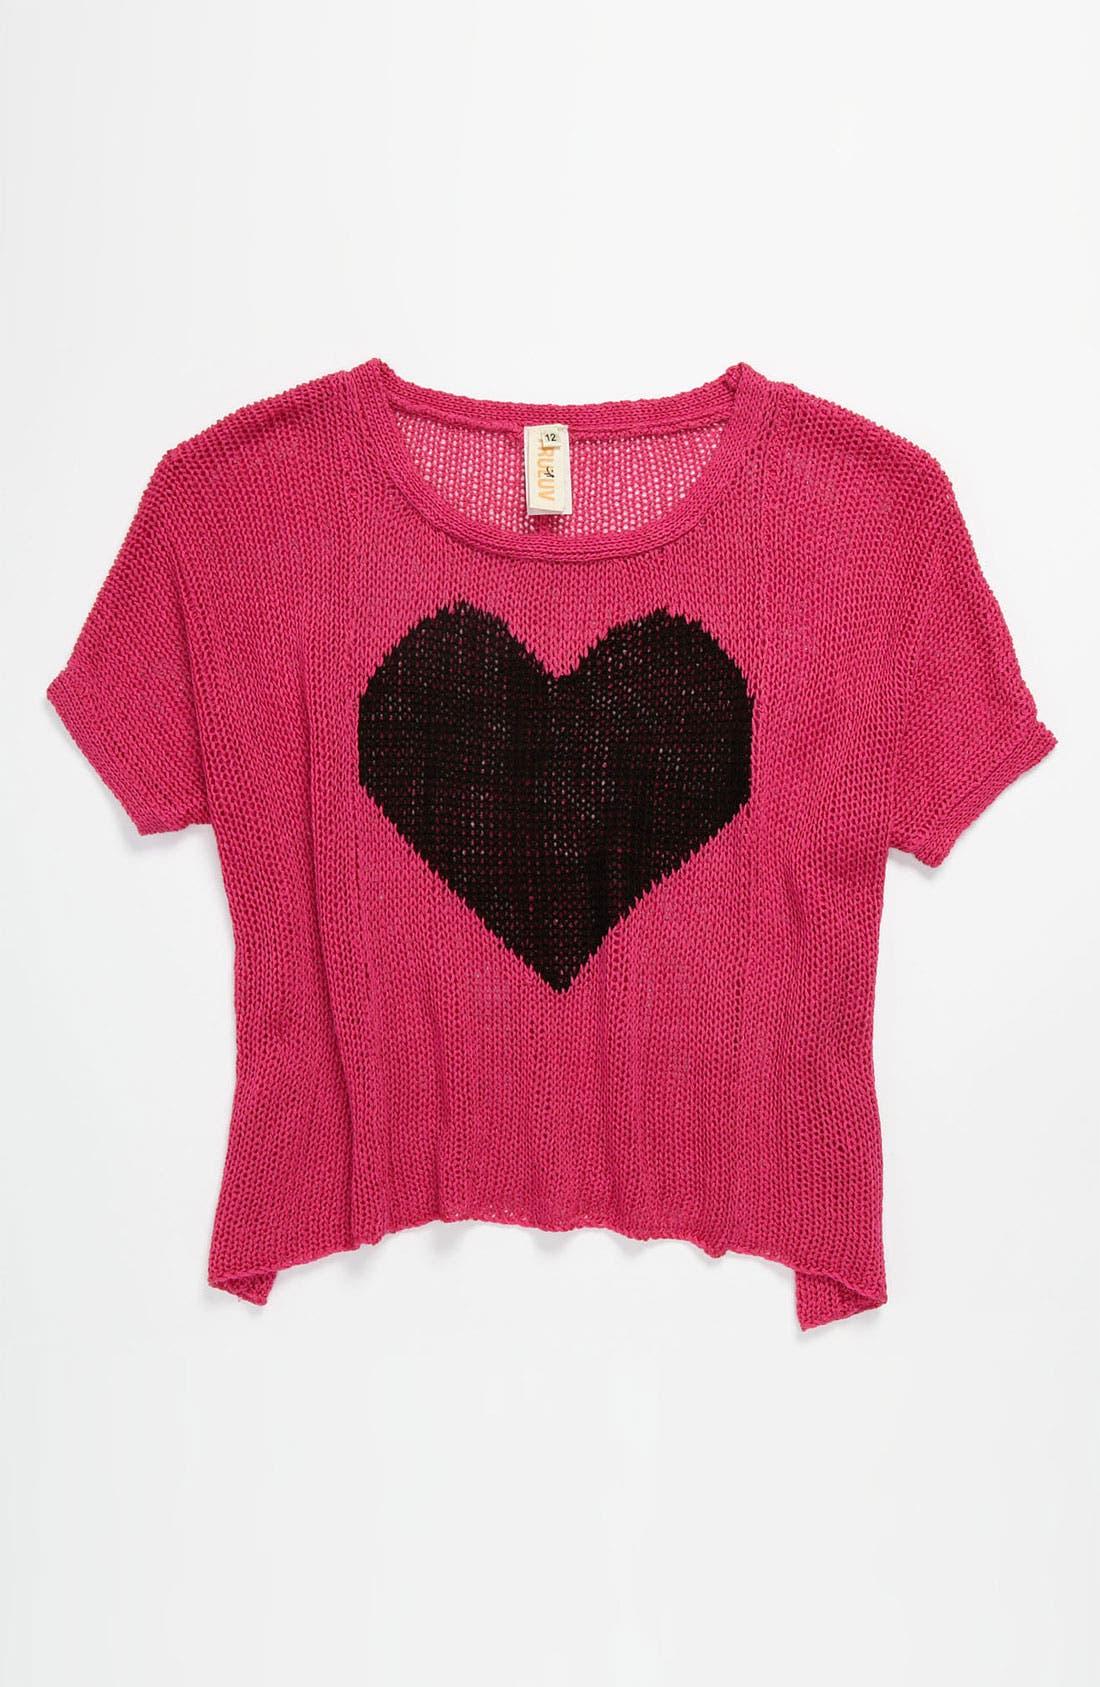 Main Image - Little Mass 'Heart' Sweater (Big Girls)